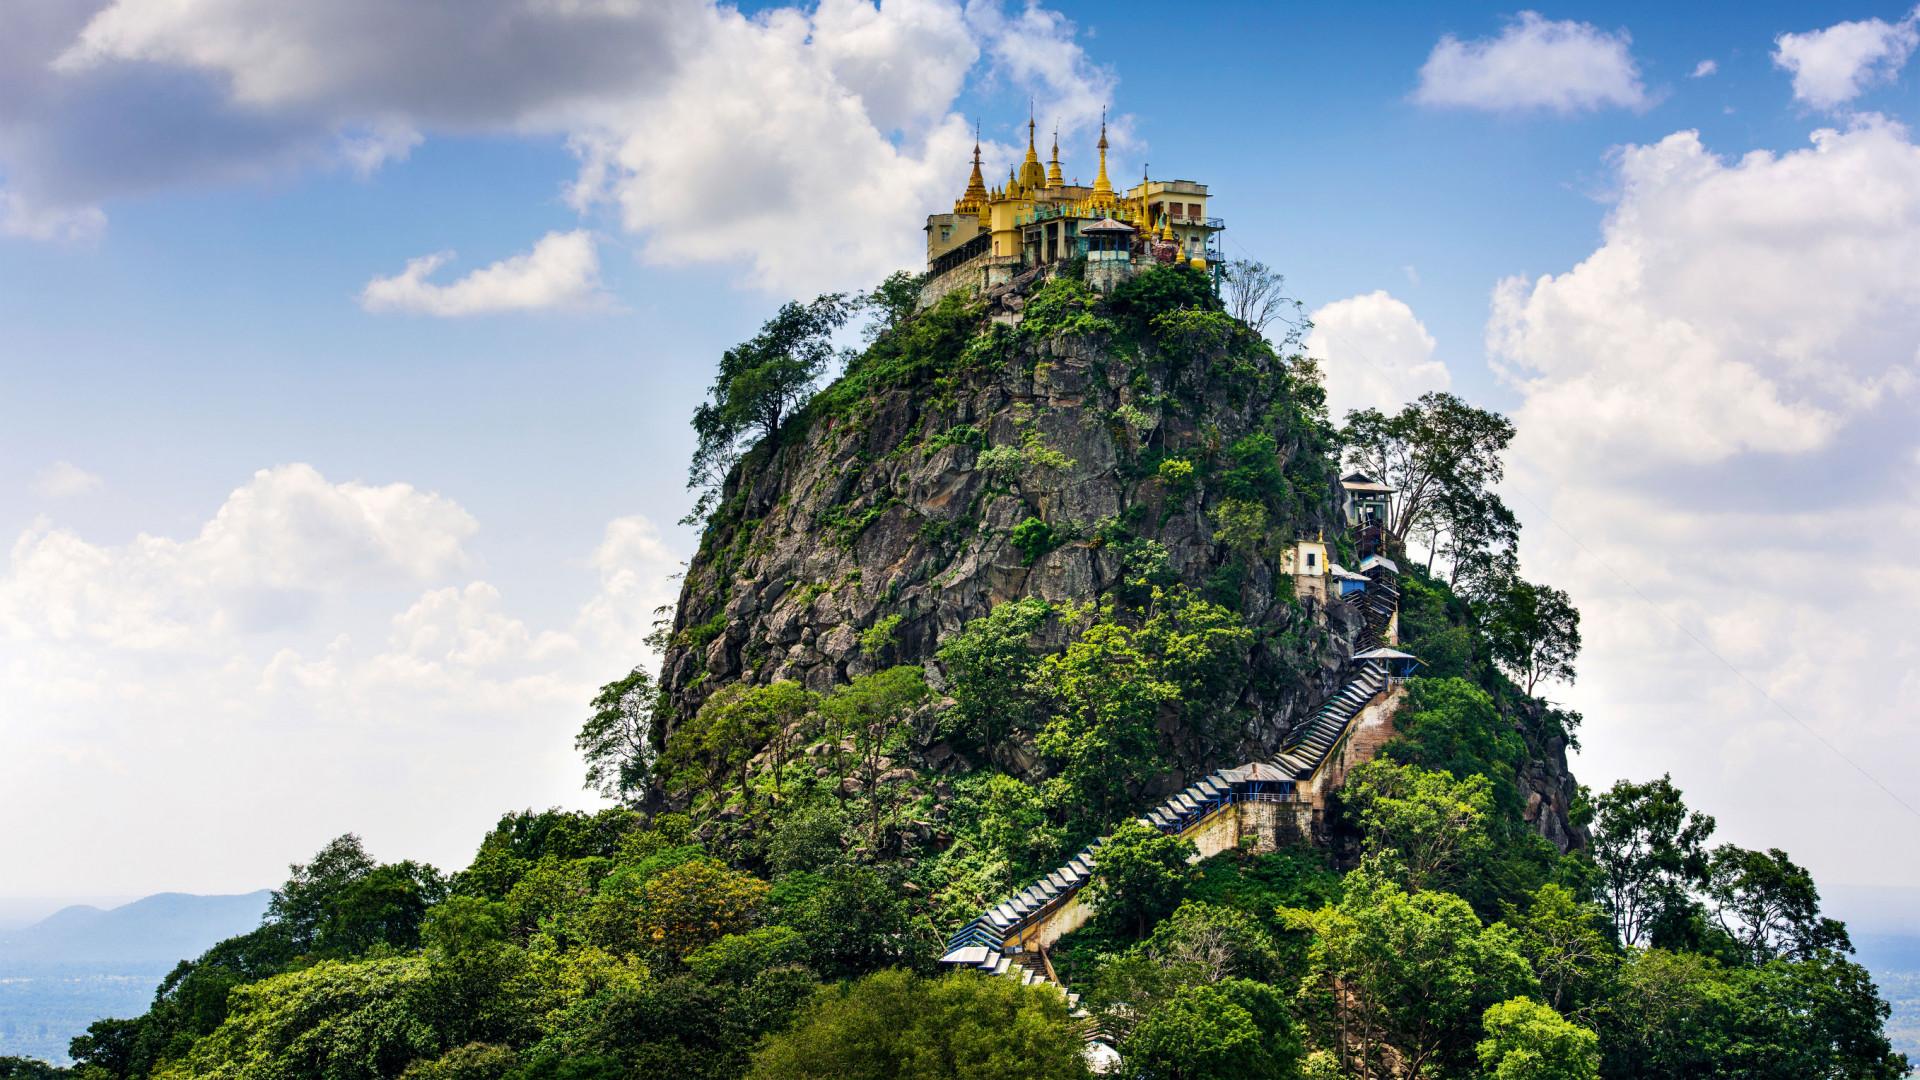 Mt. Popa, Mandalay Division, Myanmar